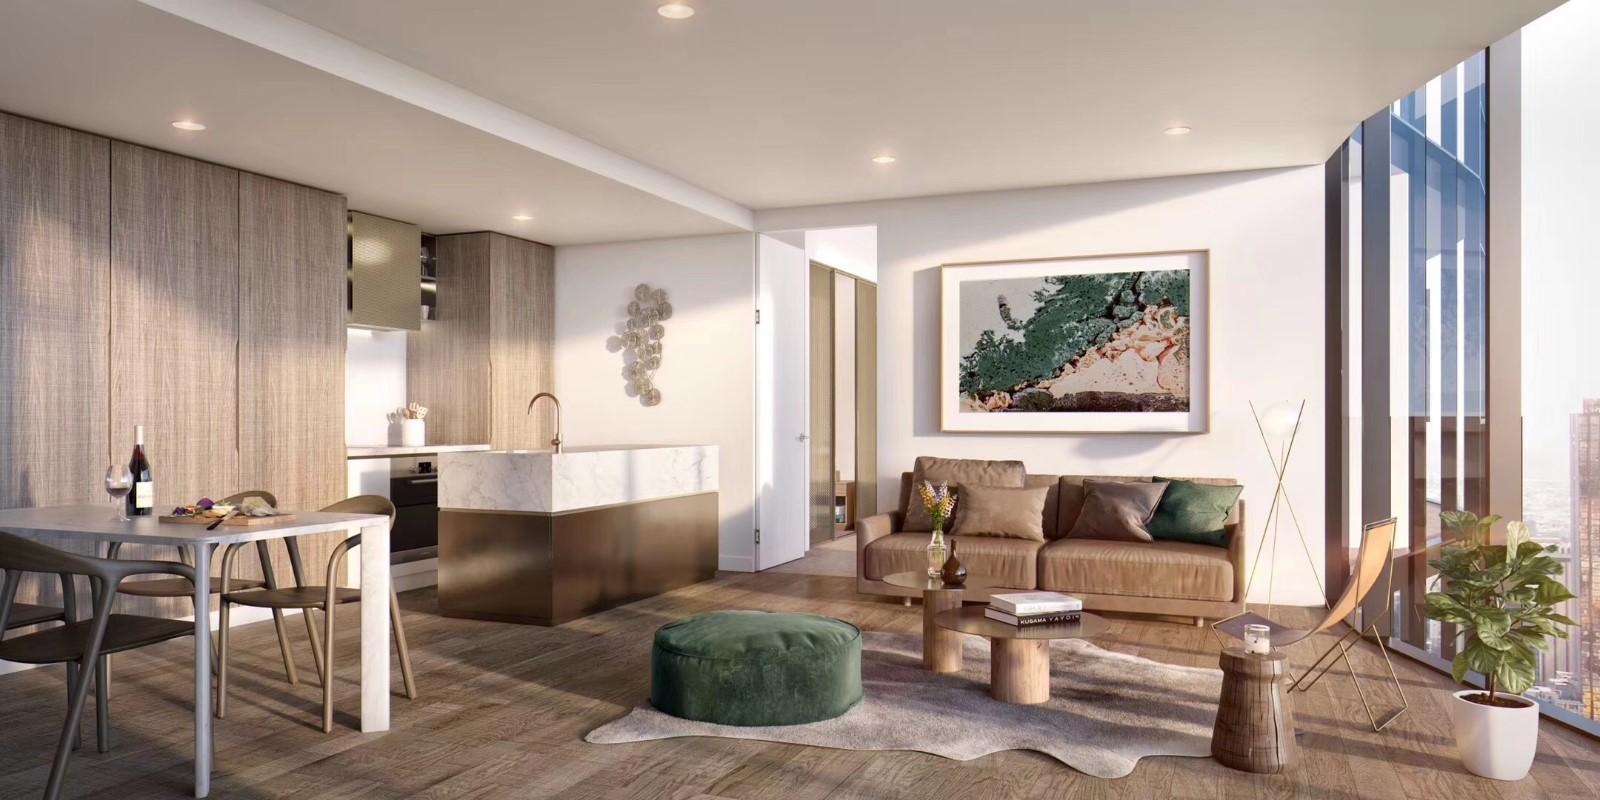 2021北欧300平米以上装修效果图片 2021北欧别墅装饰设计